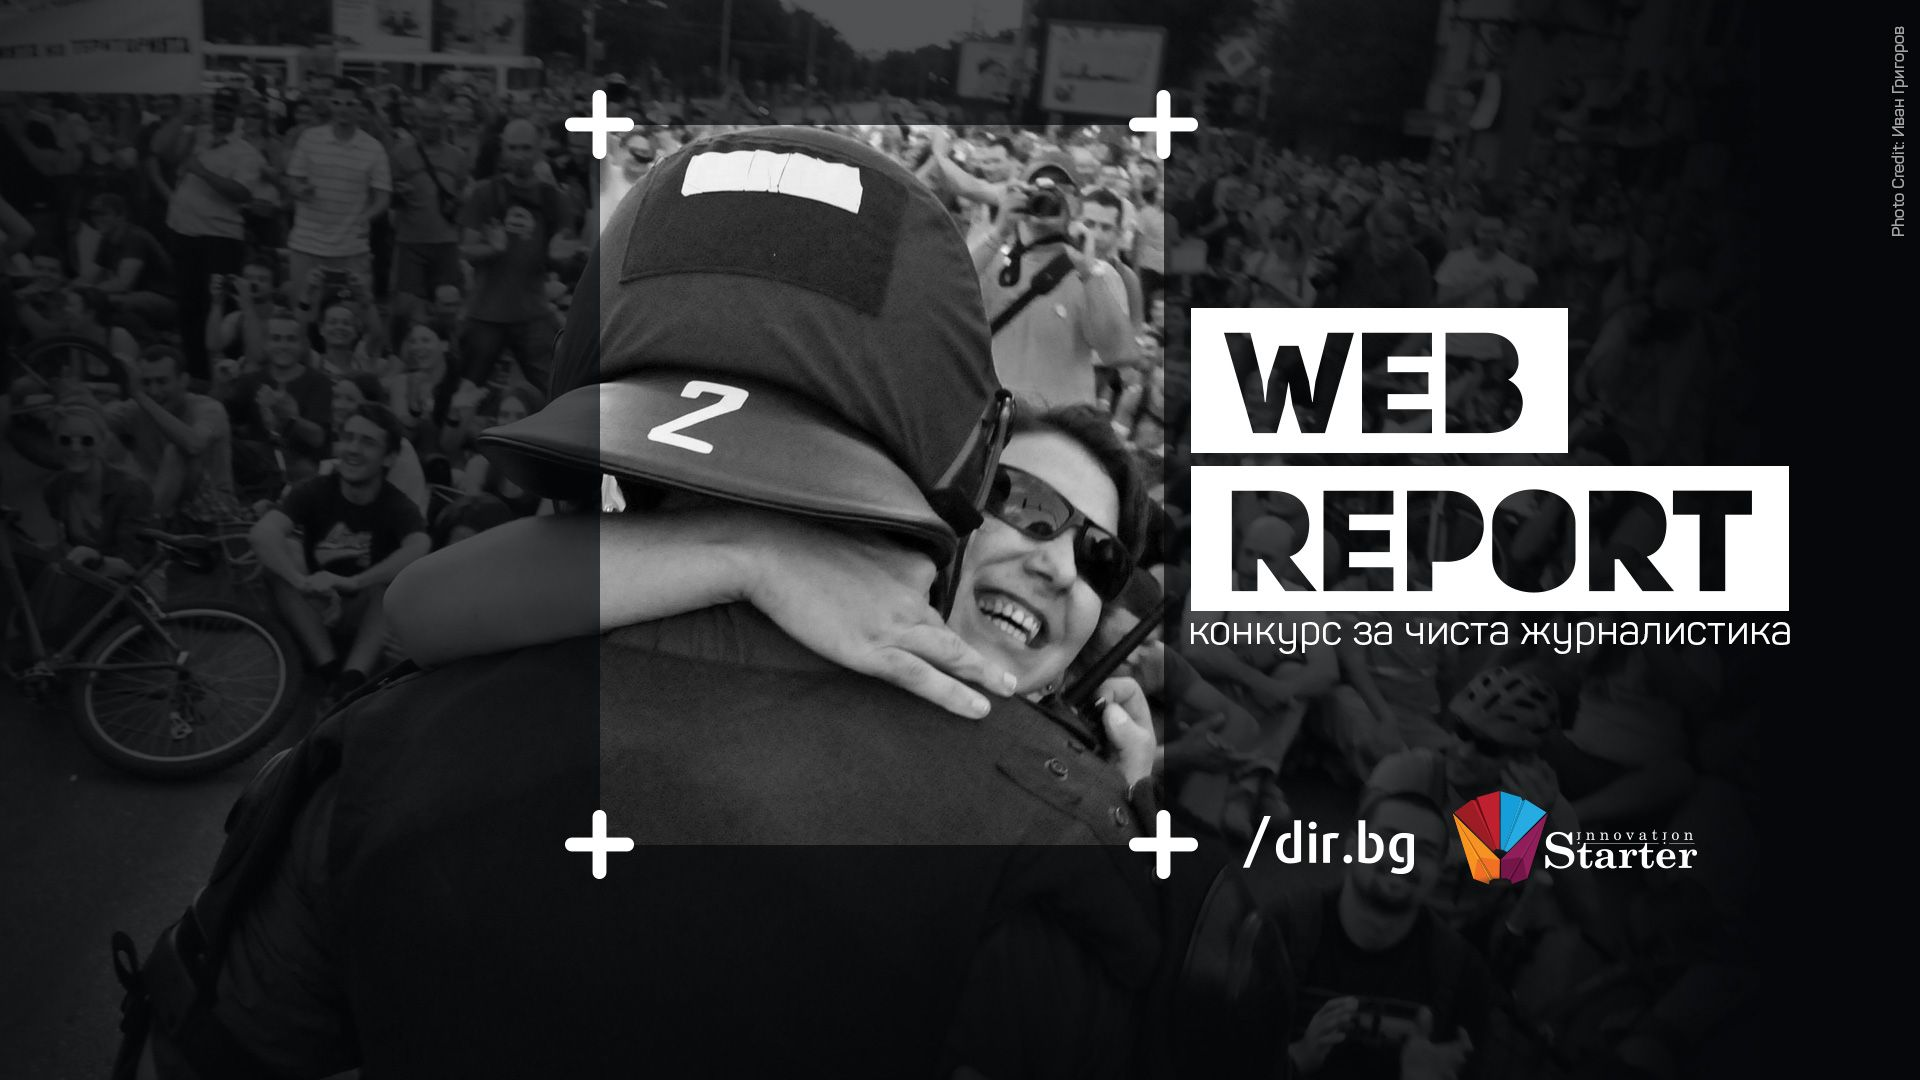 Конкурсът Web report приема материали до 30-ти април